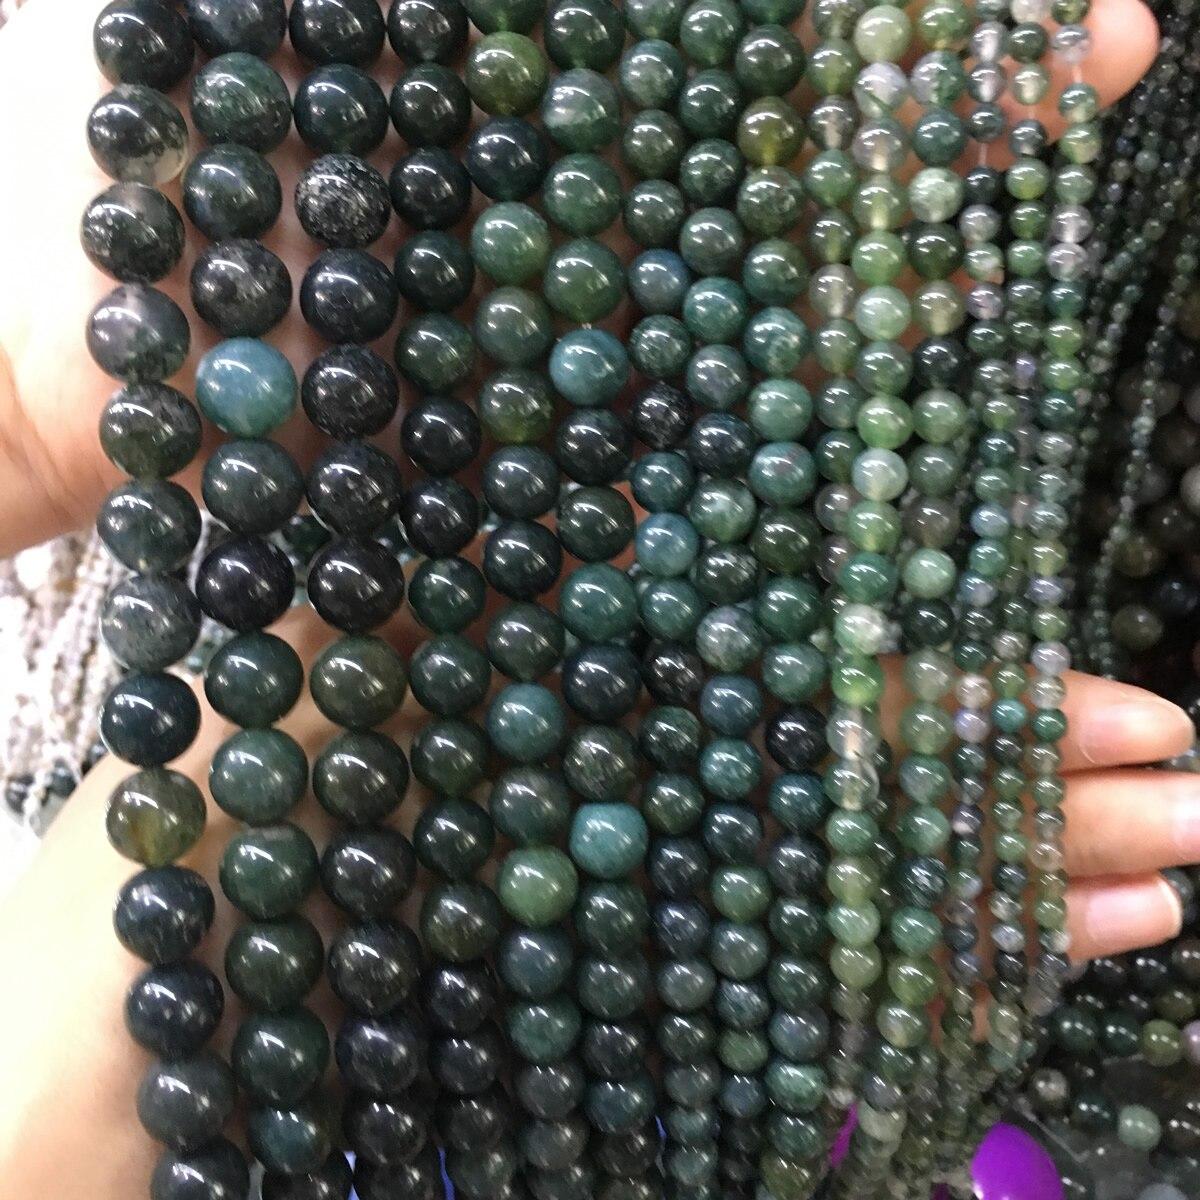 Piedra Natural ágata acuática piedra 4/6/8/10/12mm joyería de moda cuentas sueltas para hacer joyería collar pulsera DIY